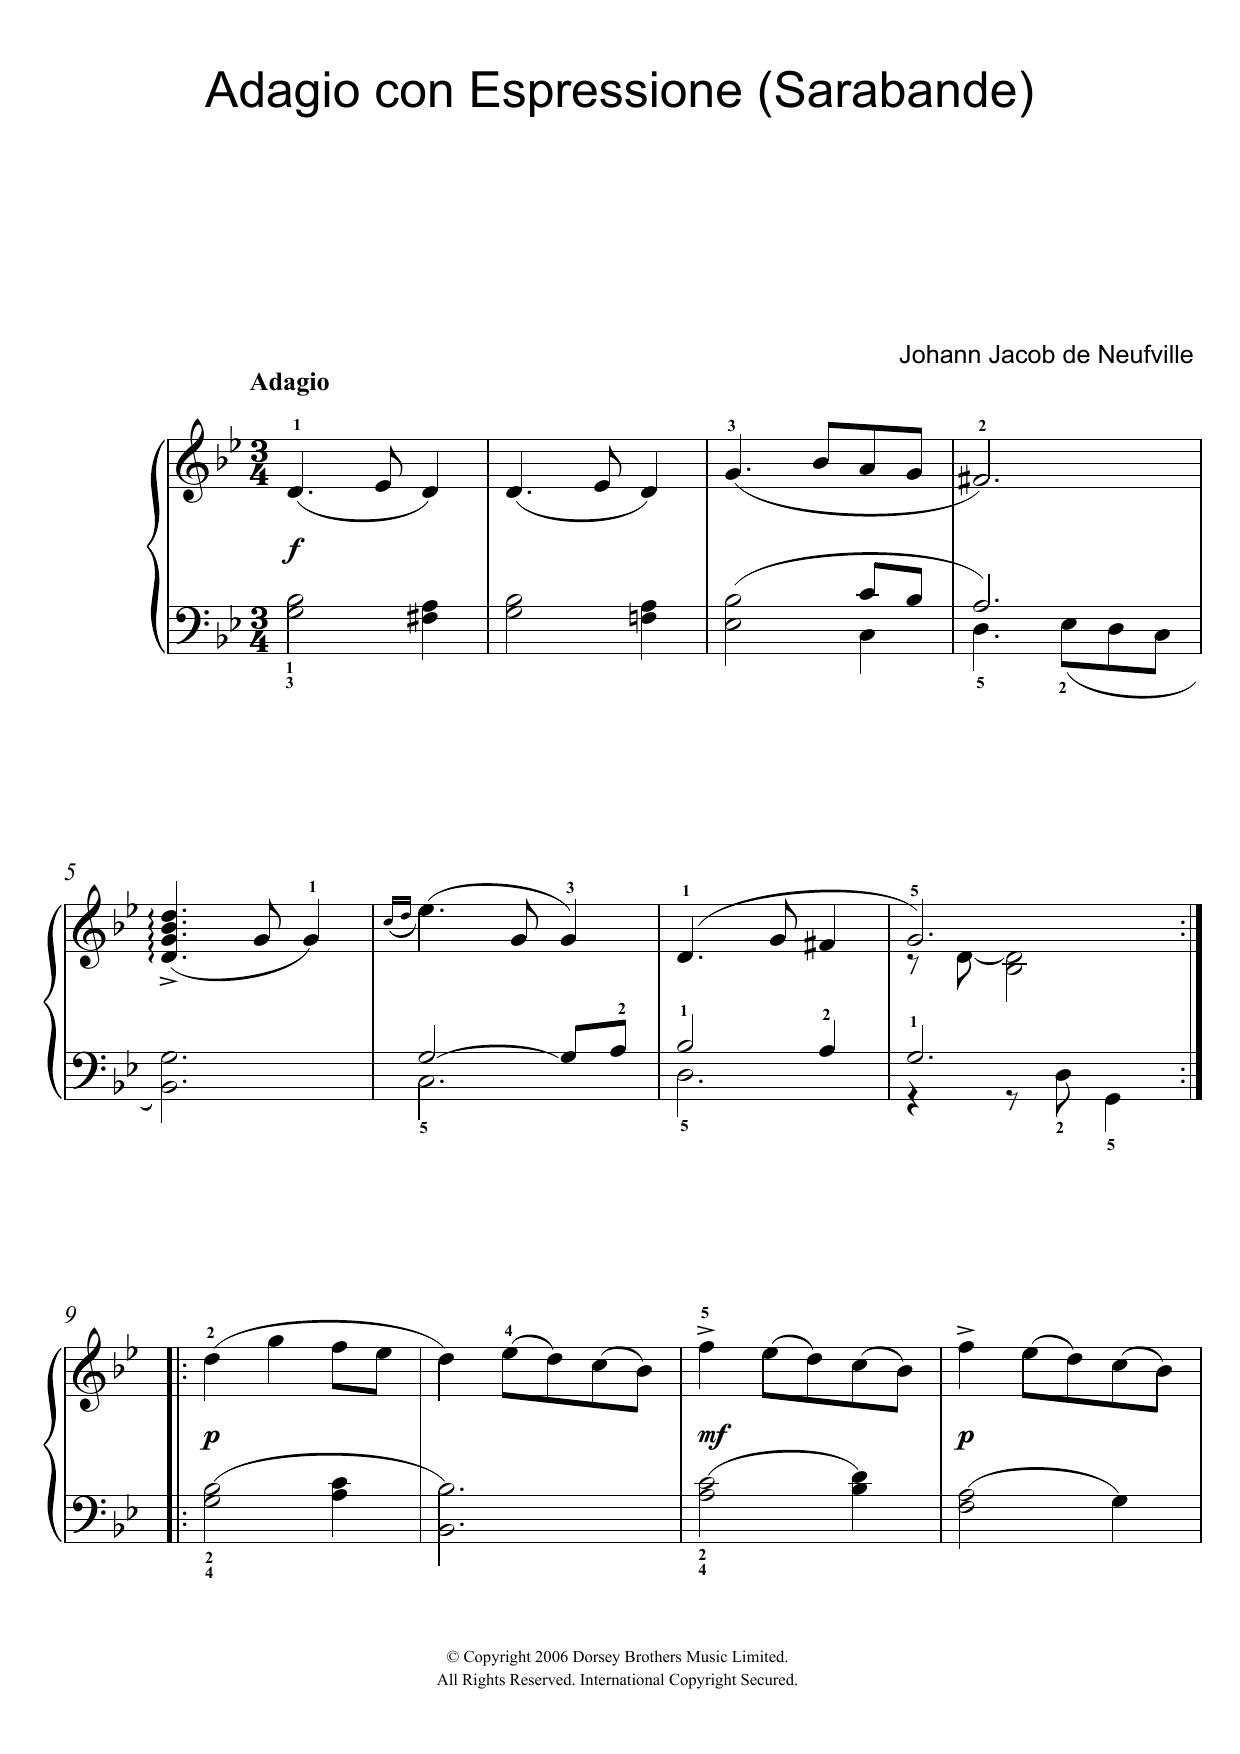 Adagio Con Espressione (Sarabande) (Piano Solo)